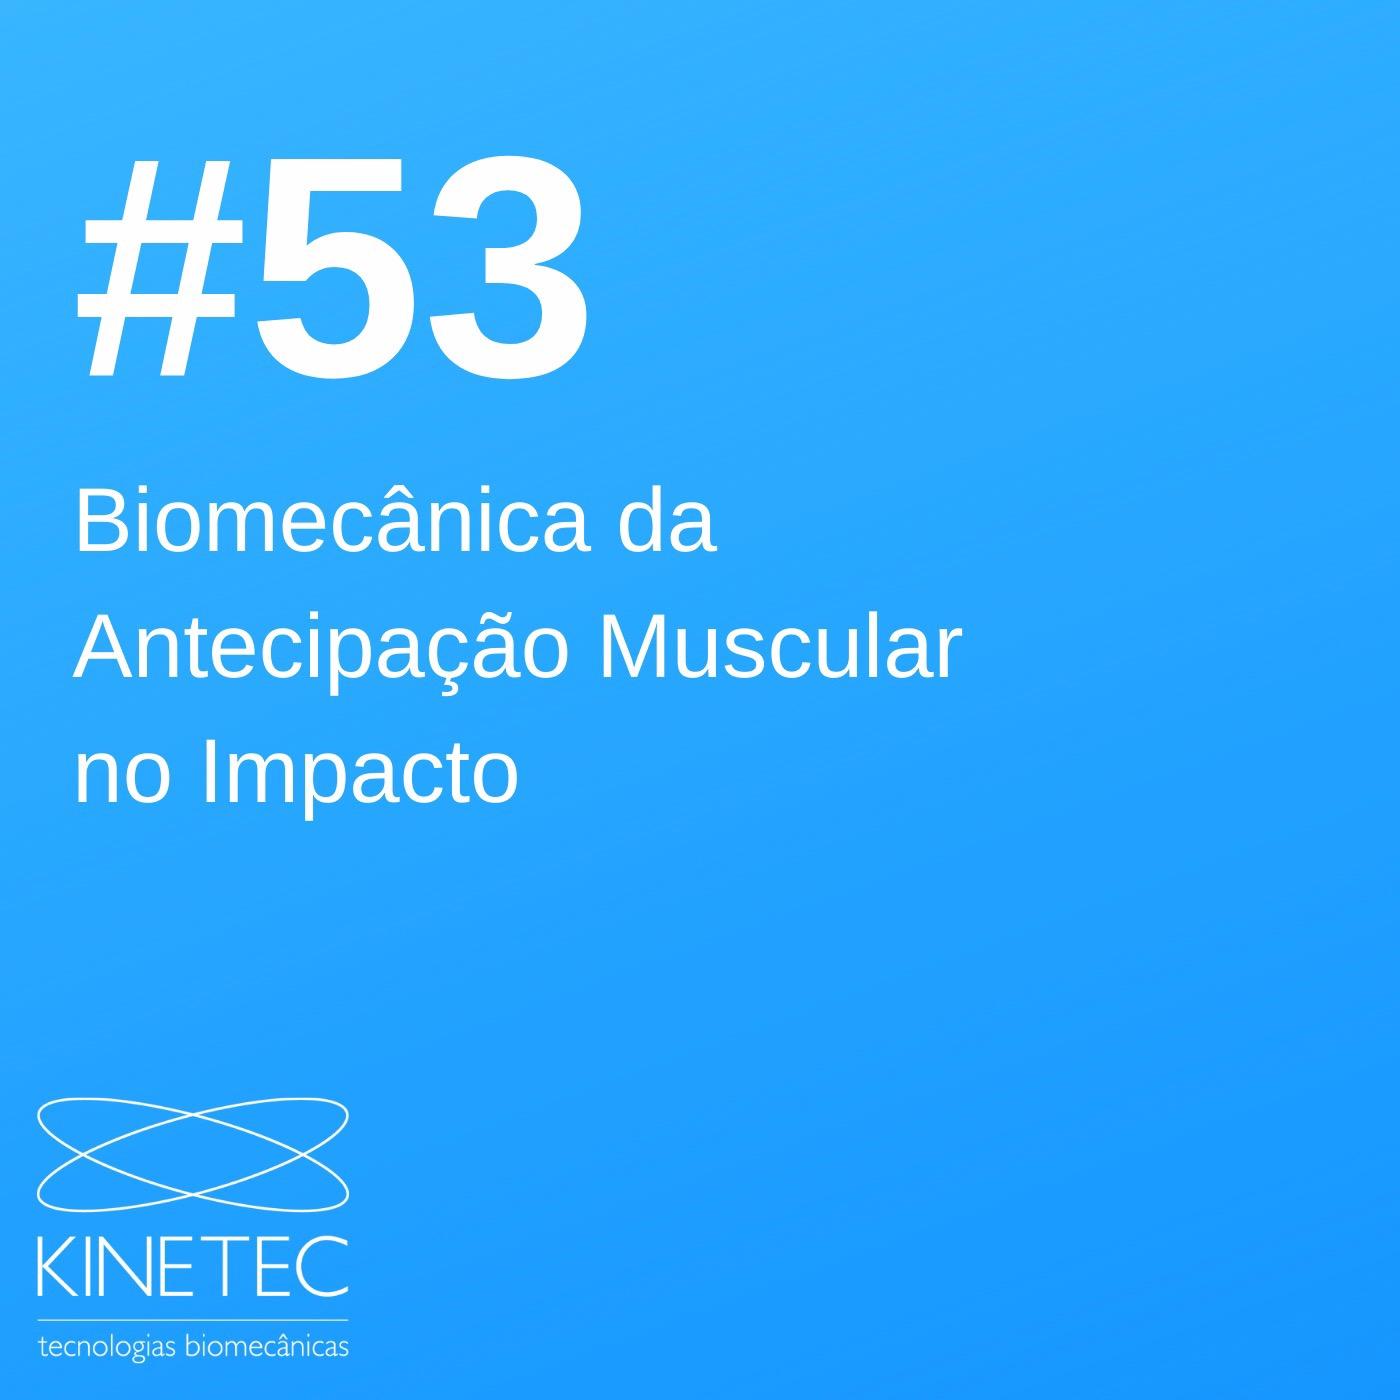 #53 Biomecânica da Antecipação Muscular no Impacto